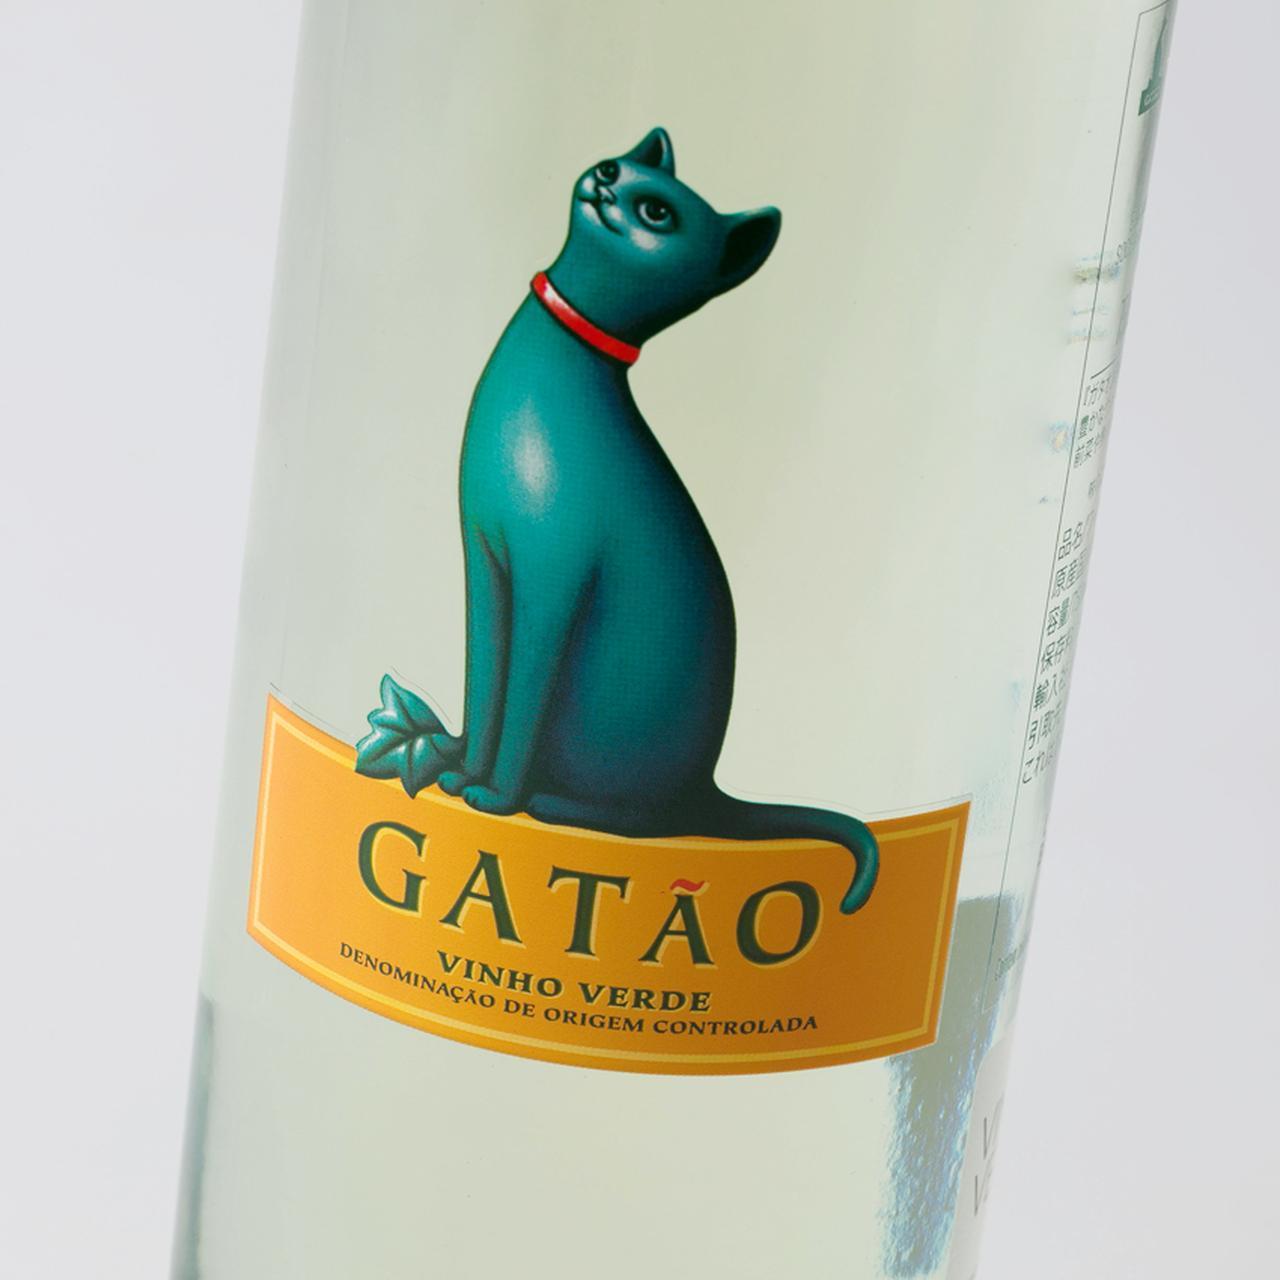 「爽快に飲めて、春・夏にピッタリ!」ポルトガルのワイン  [FRaU]